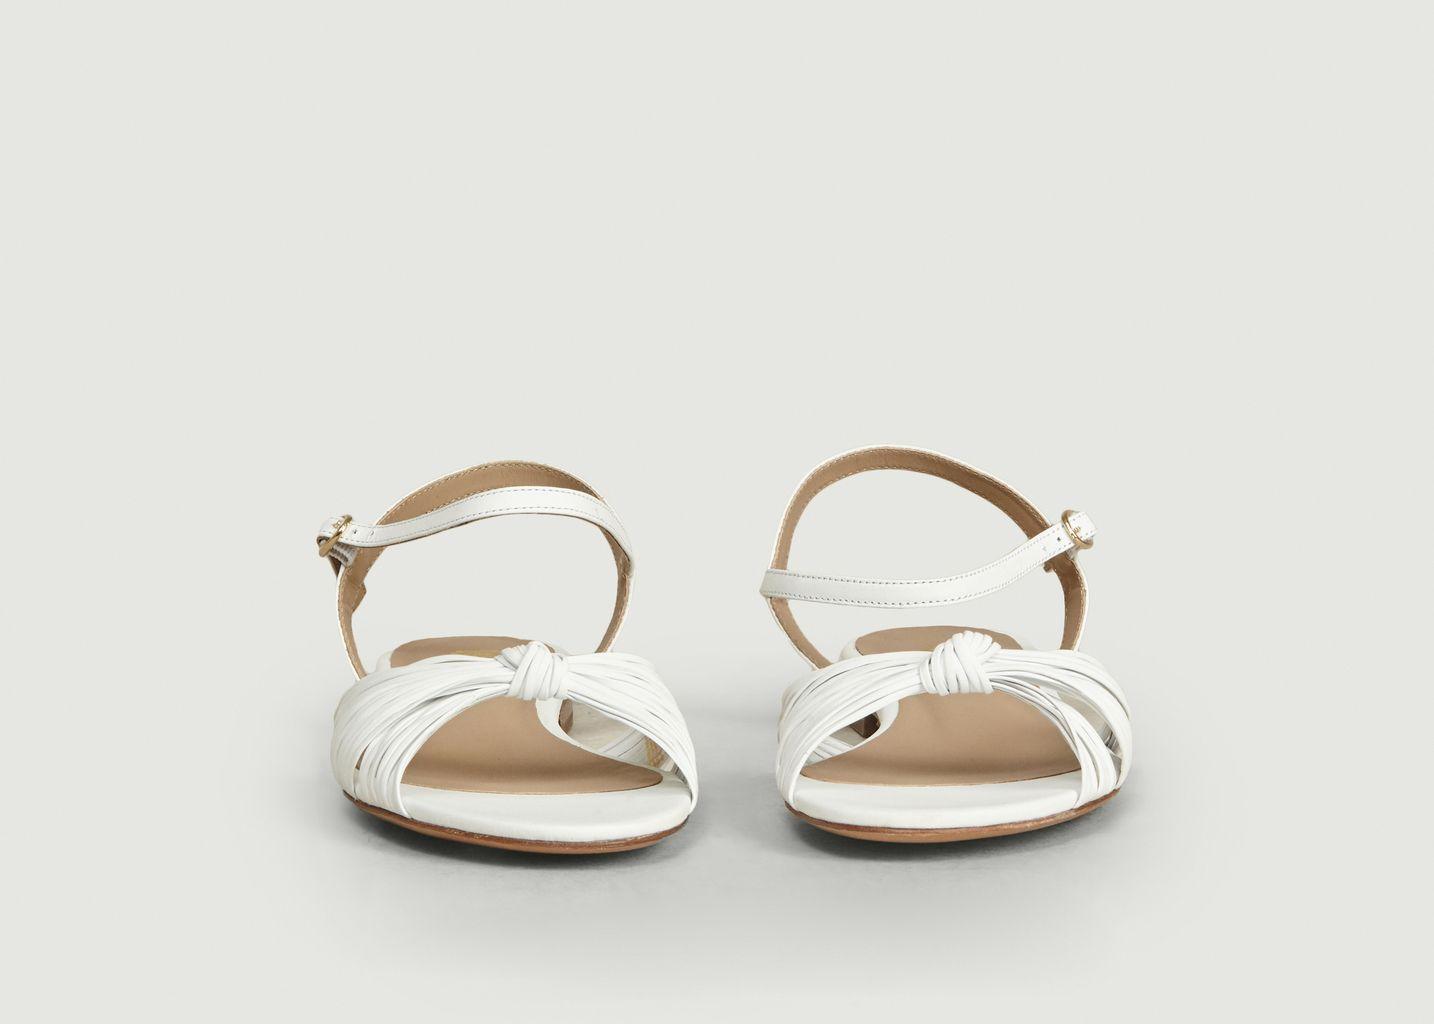 Sandales En Cuir La Rayonnante - Bobbies Paris